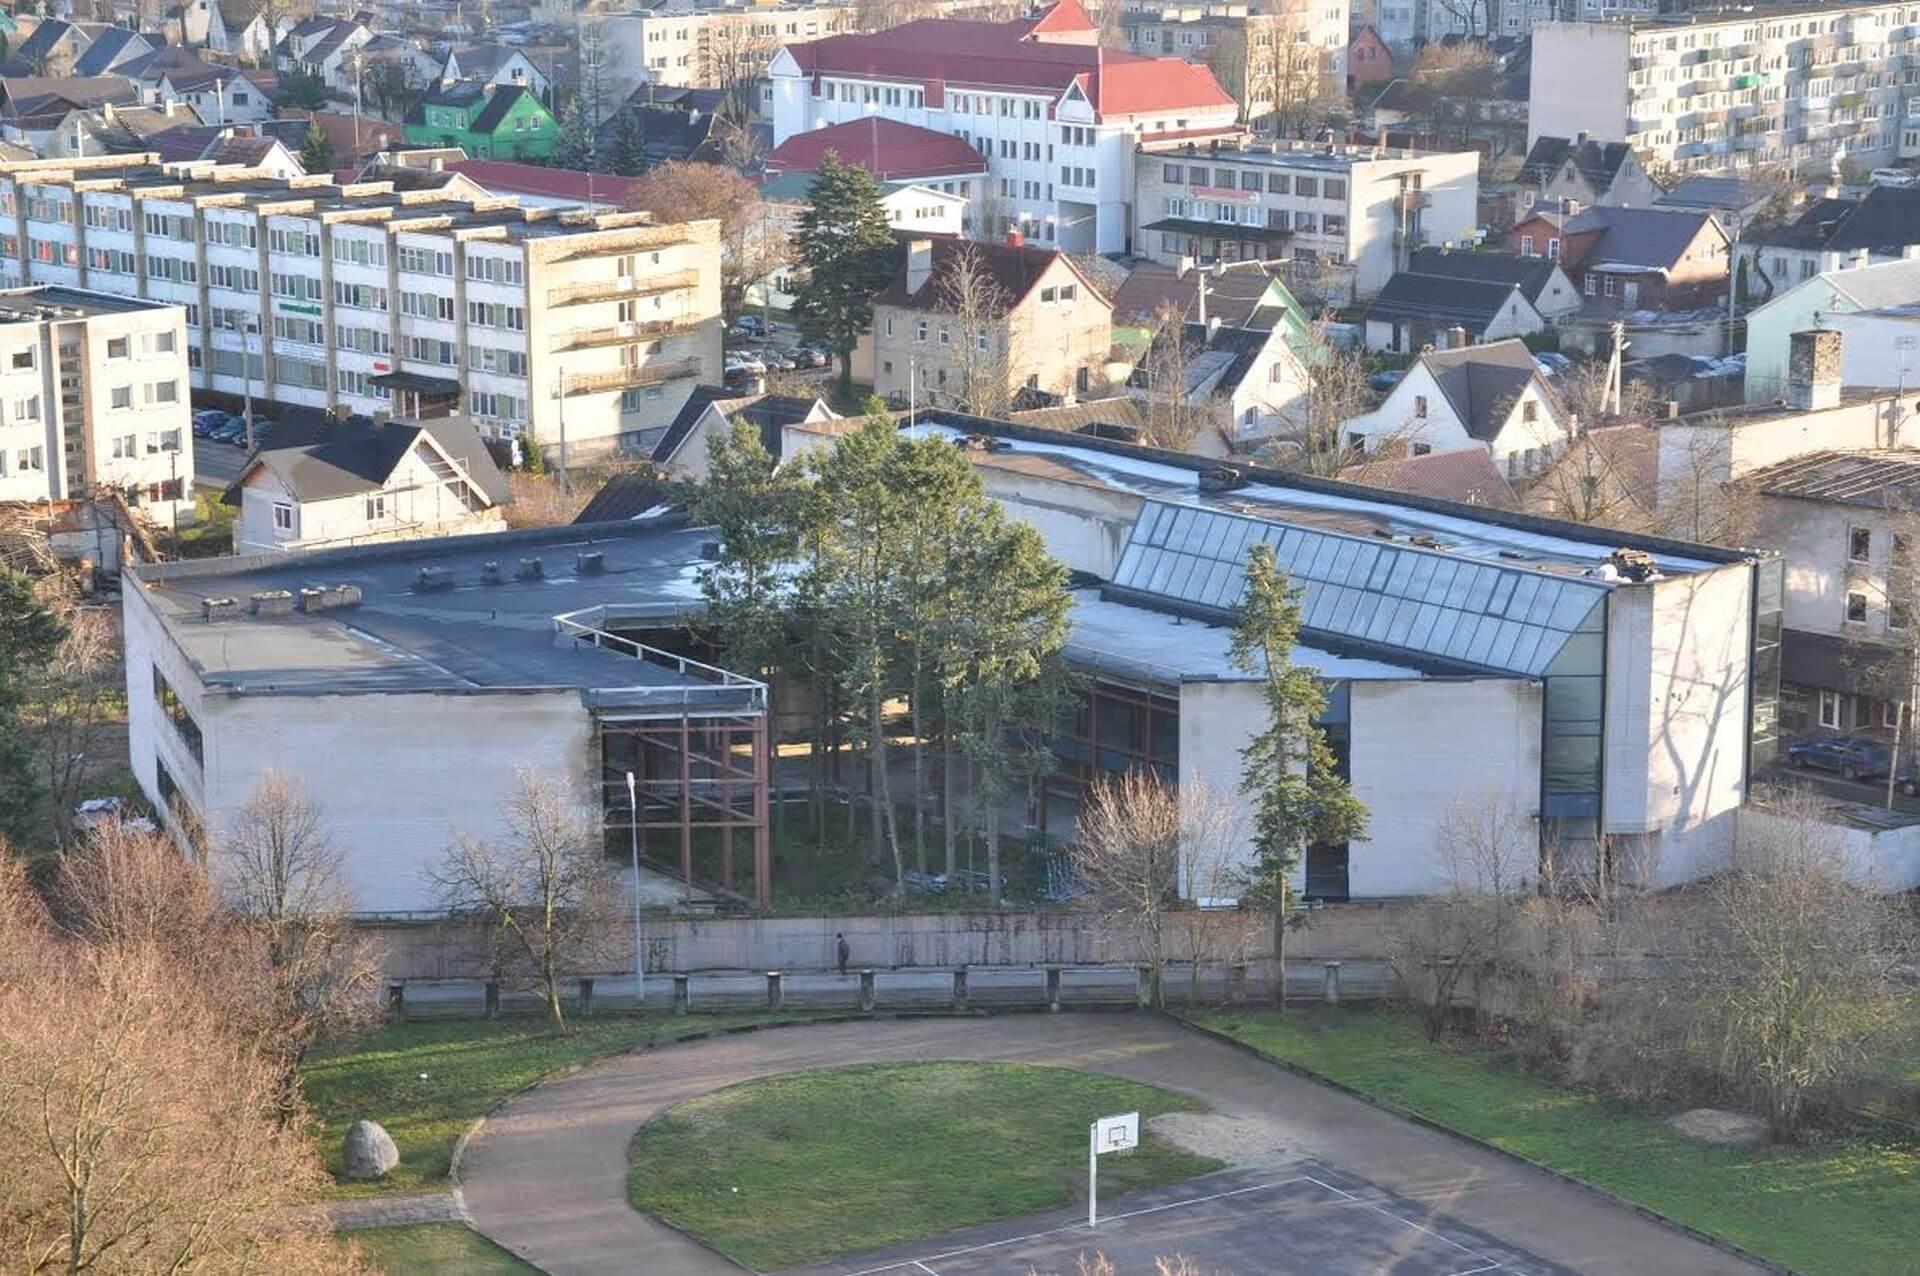 Kretingos rajono savivaldybės M. Valančiaus viešoji biblioteka. Vaizdas nuo bažnyčios bokšto